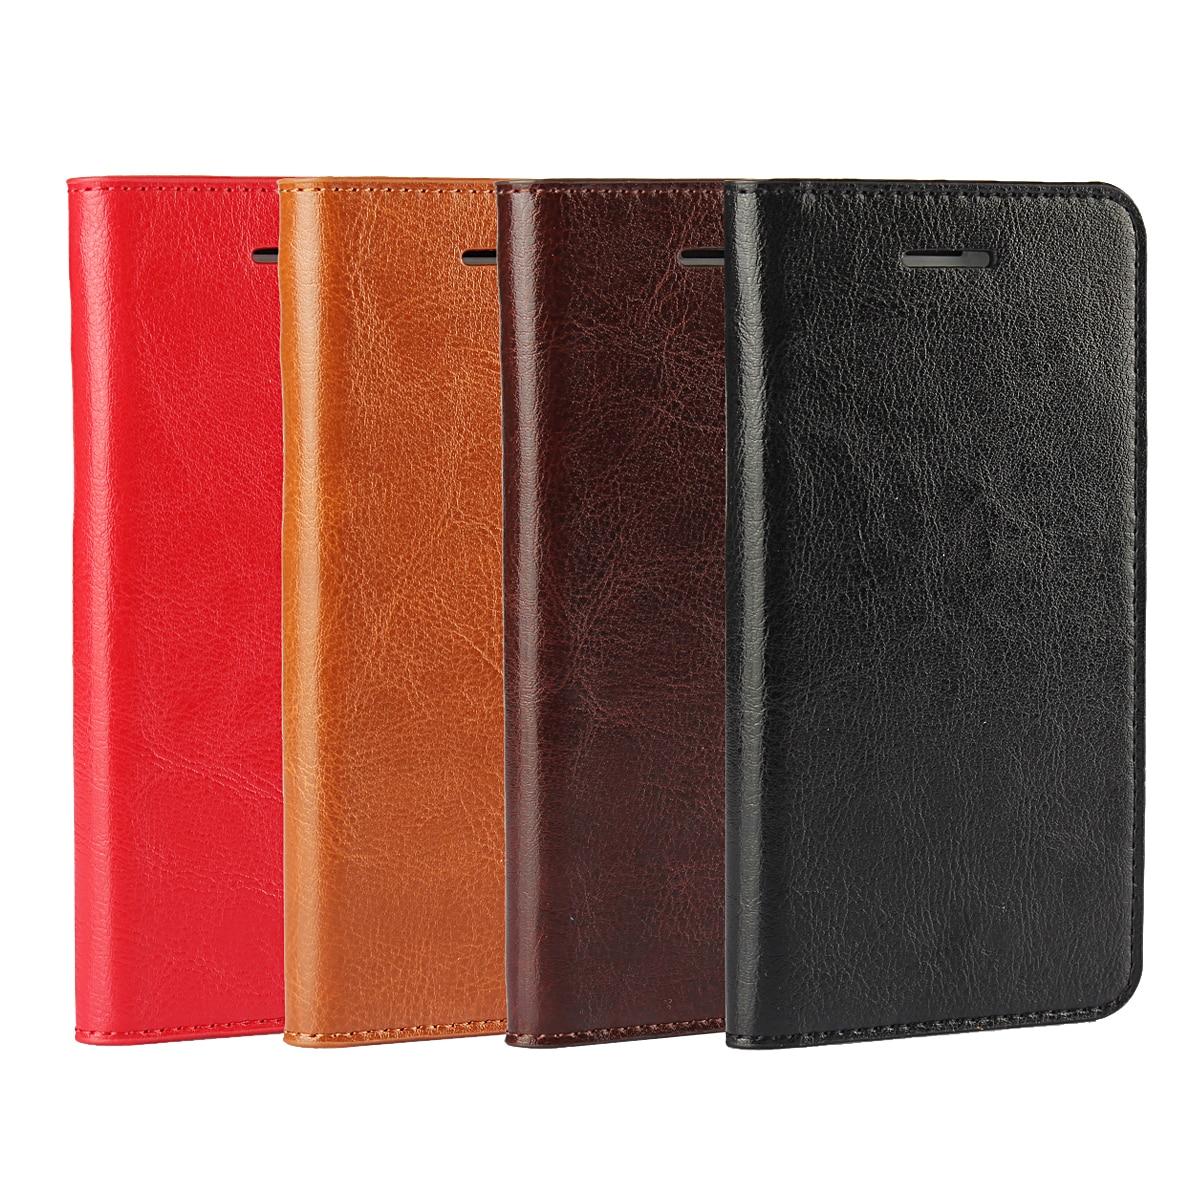 Nota 4 Caso de la Cubierta de Cuero Libro de la Carpeta Del Monedero de Lujo de